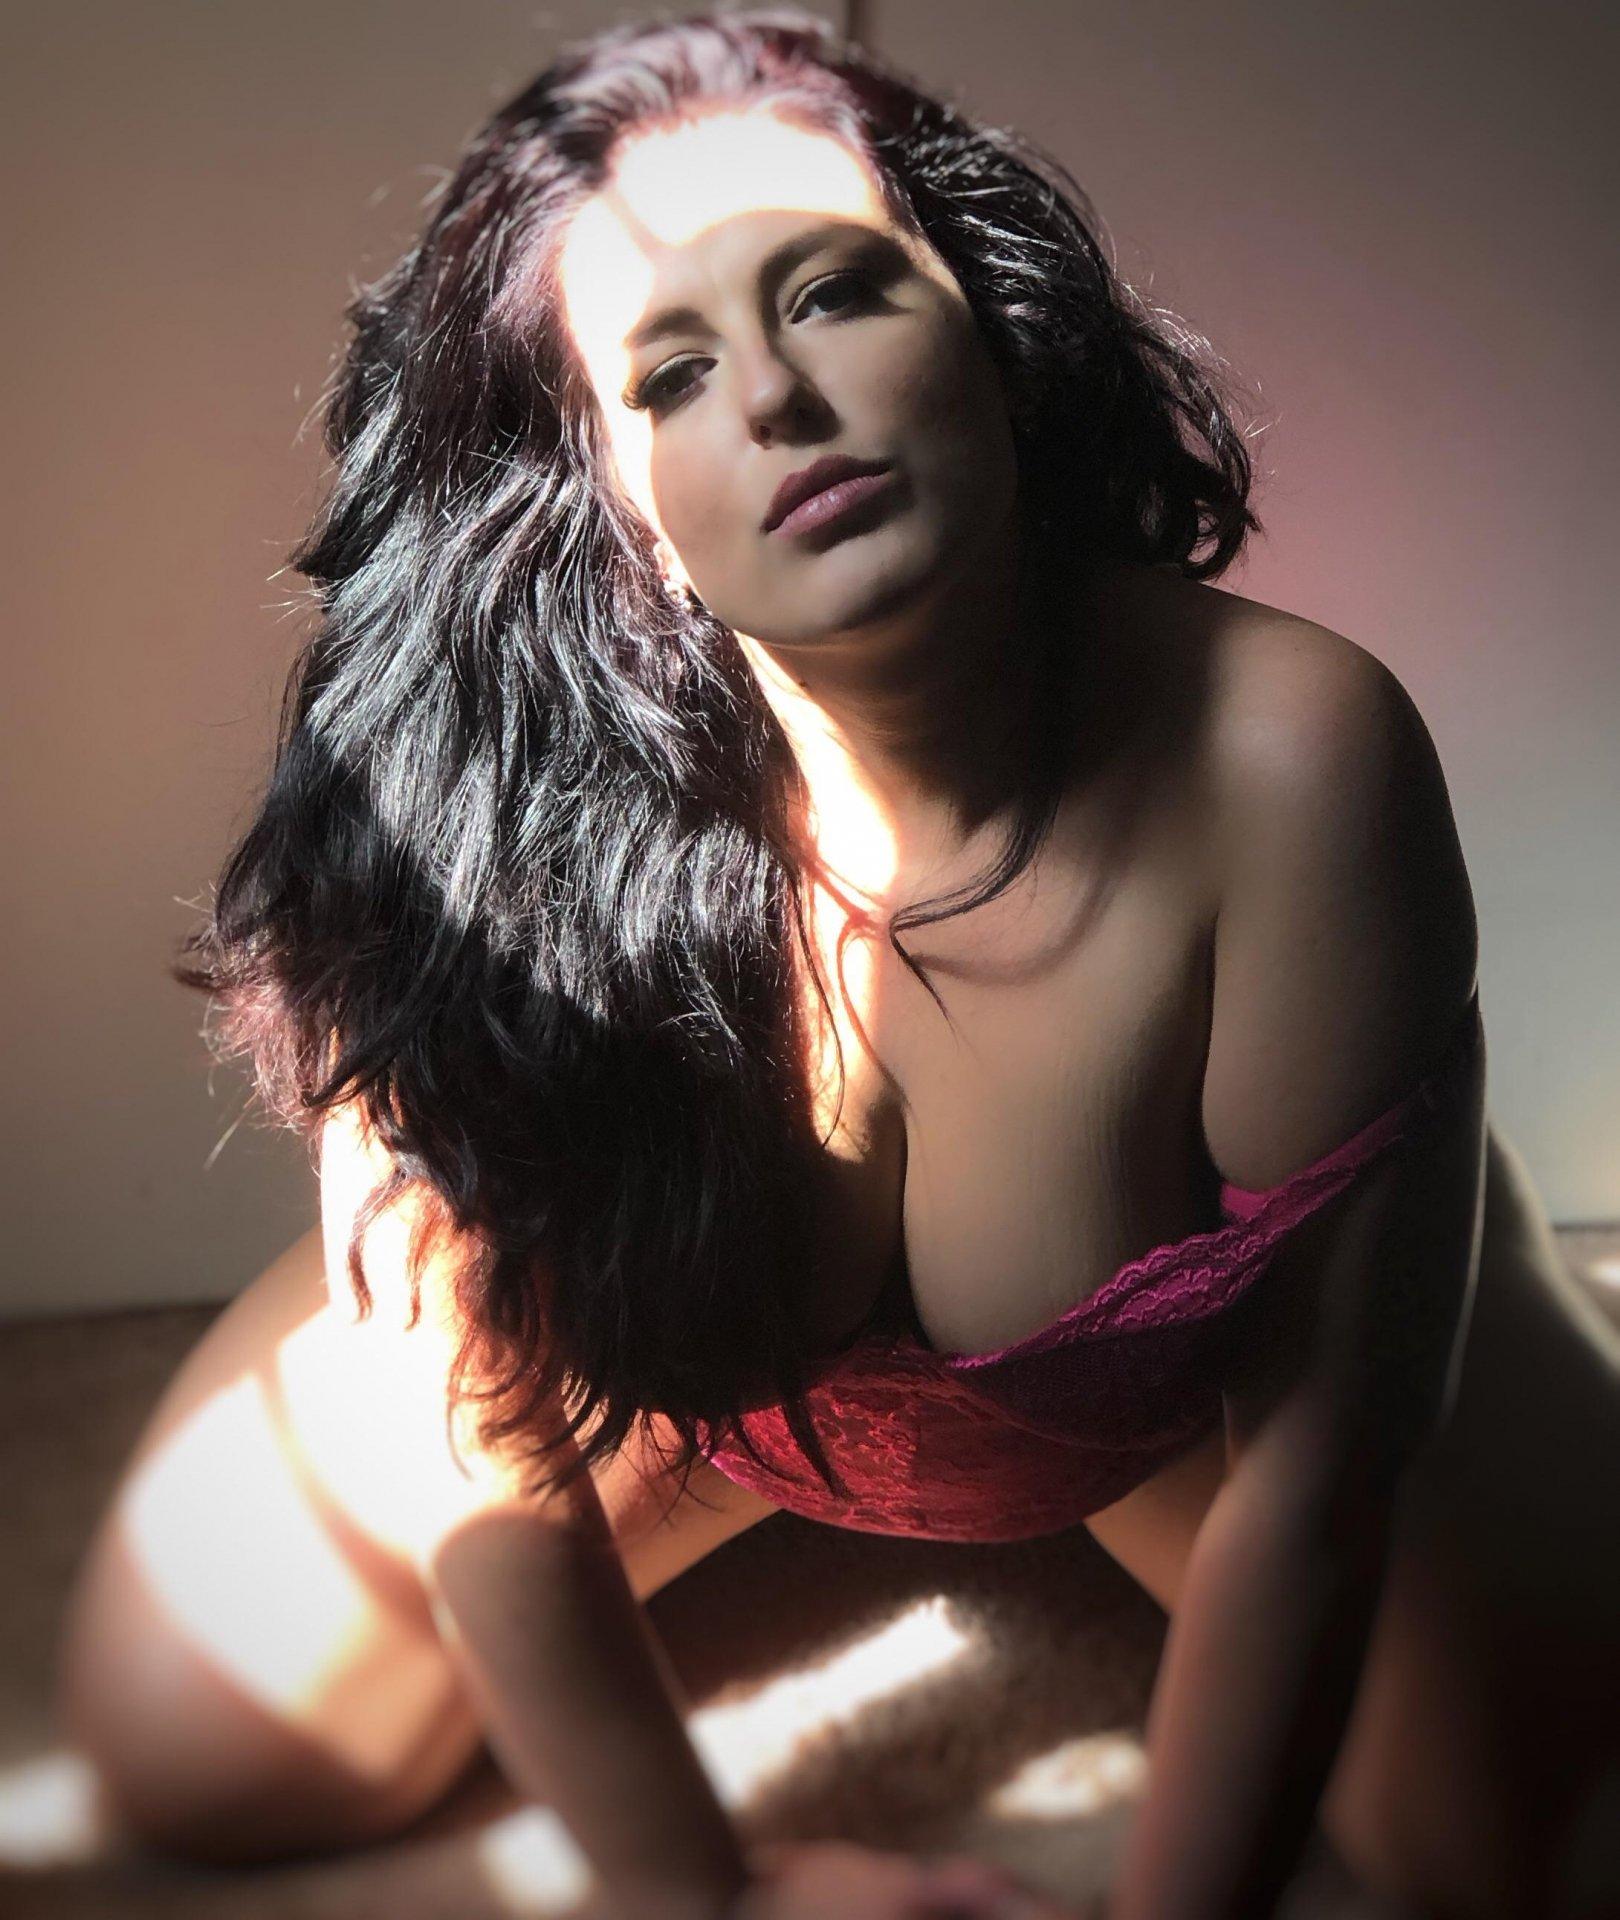 SexSeeker from Swansea,United Kingdom